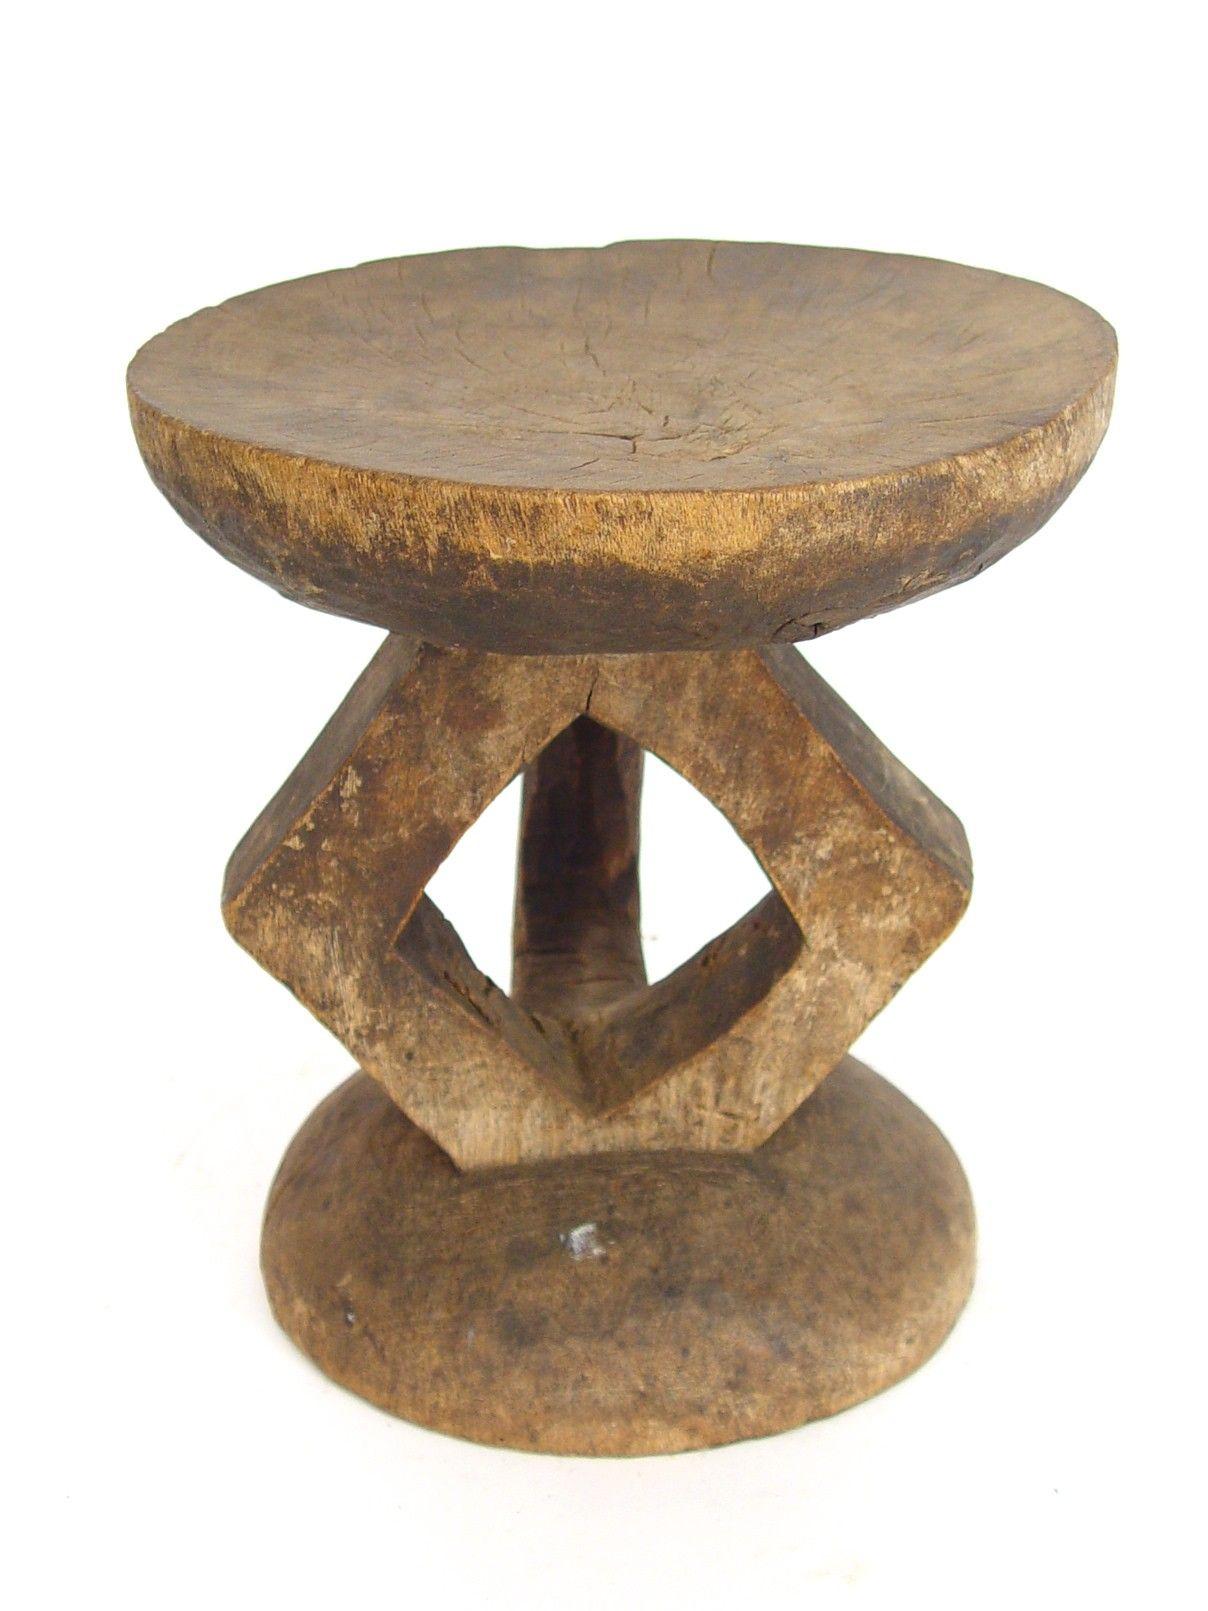 Furniture Design Zimbabwe delighful furniture design zimbabwe gallery of danisile ncube with